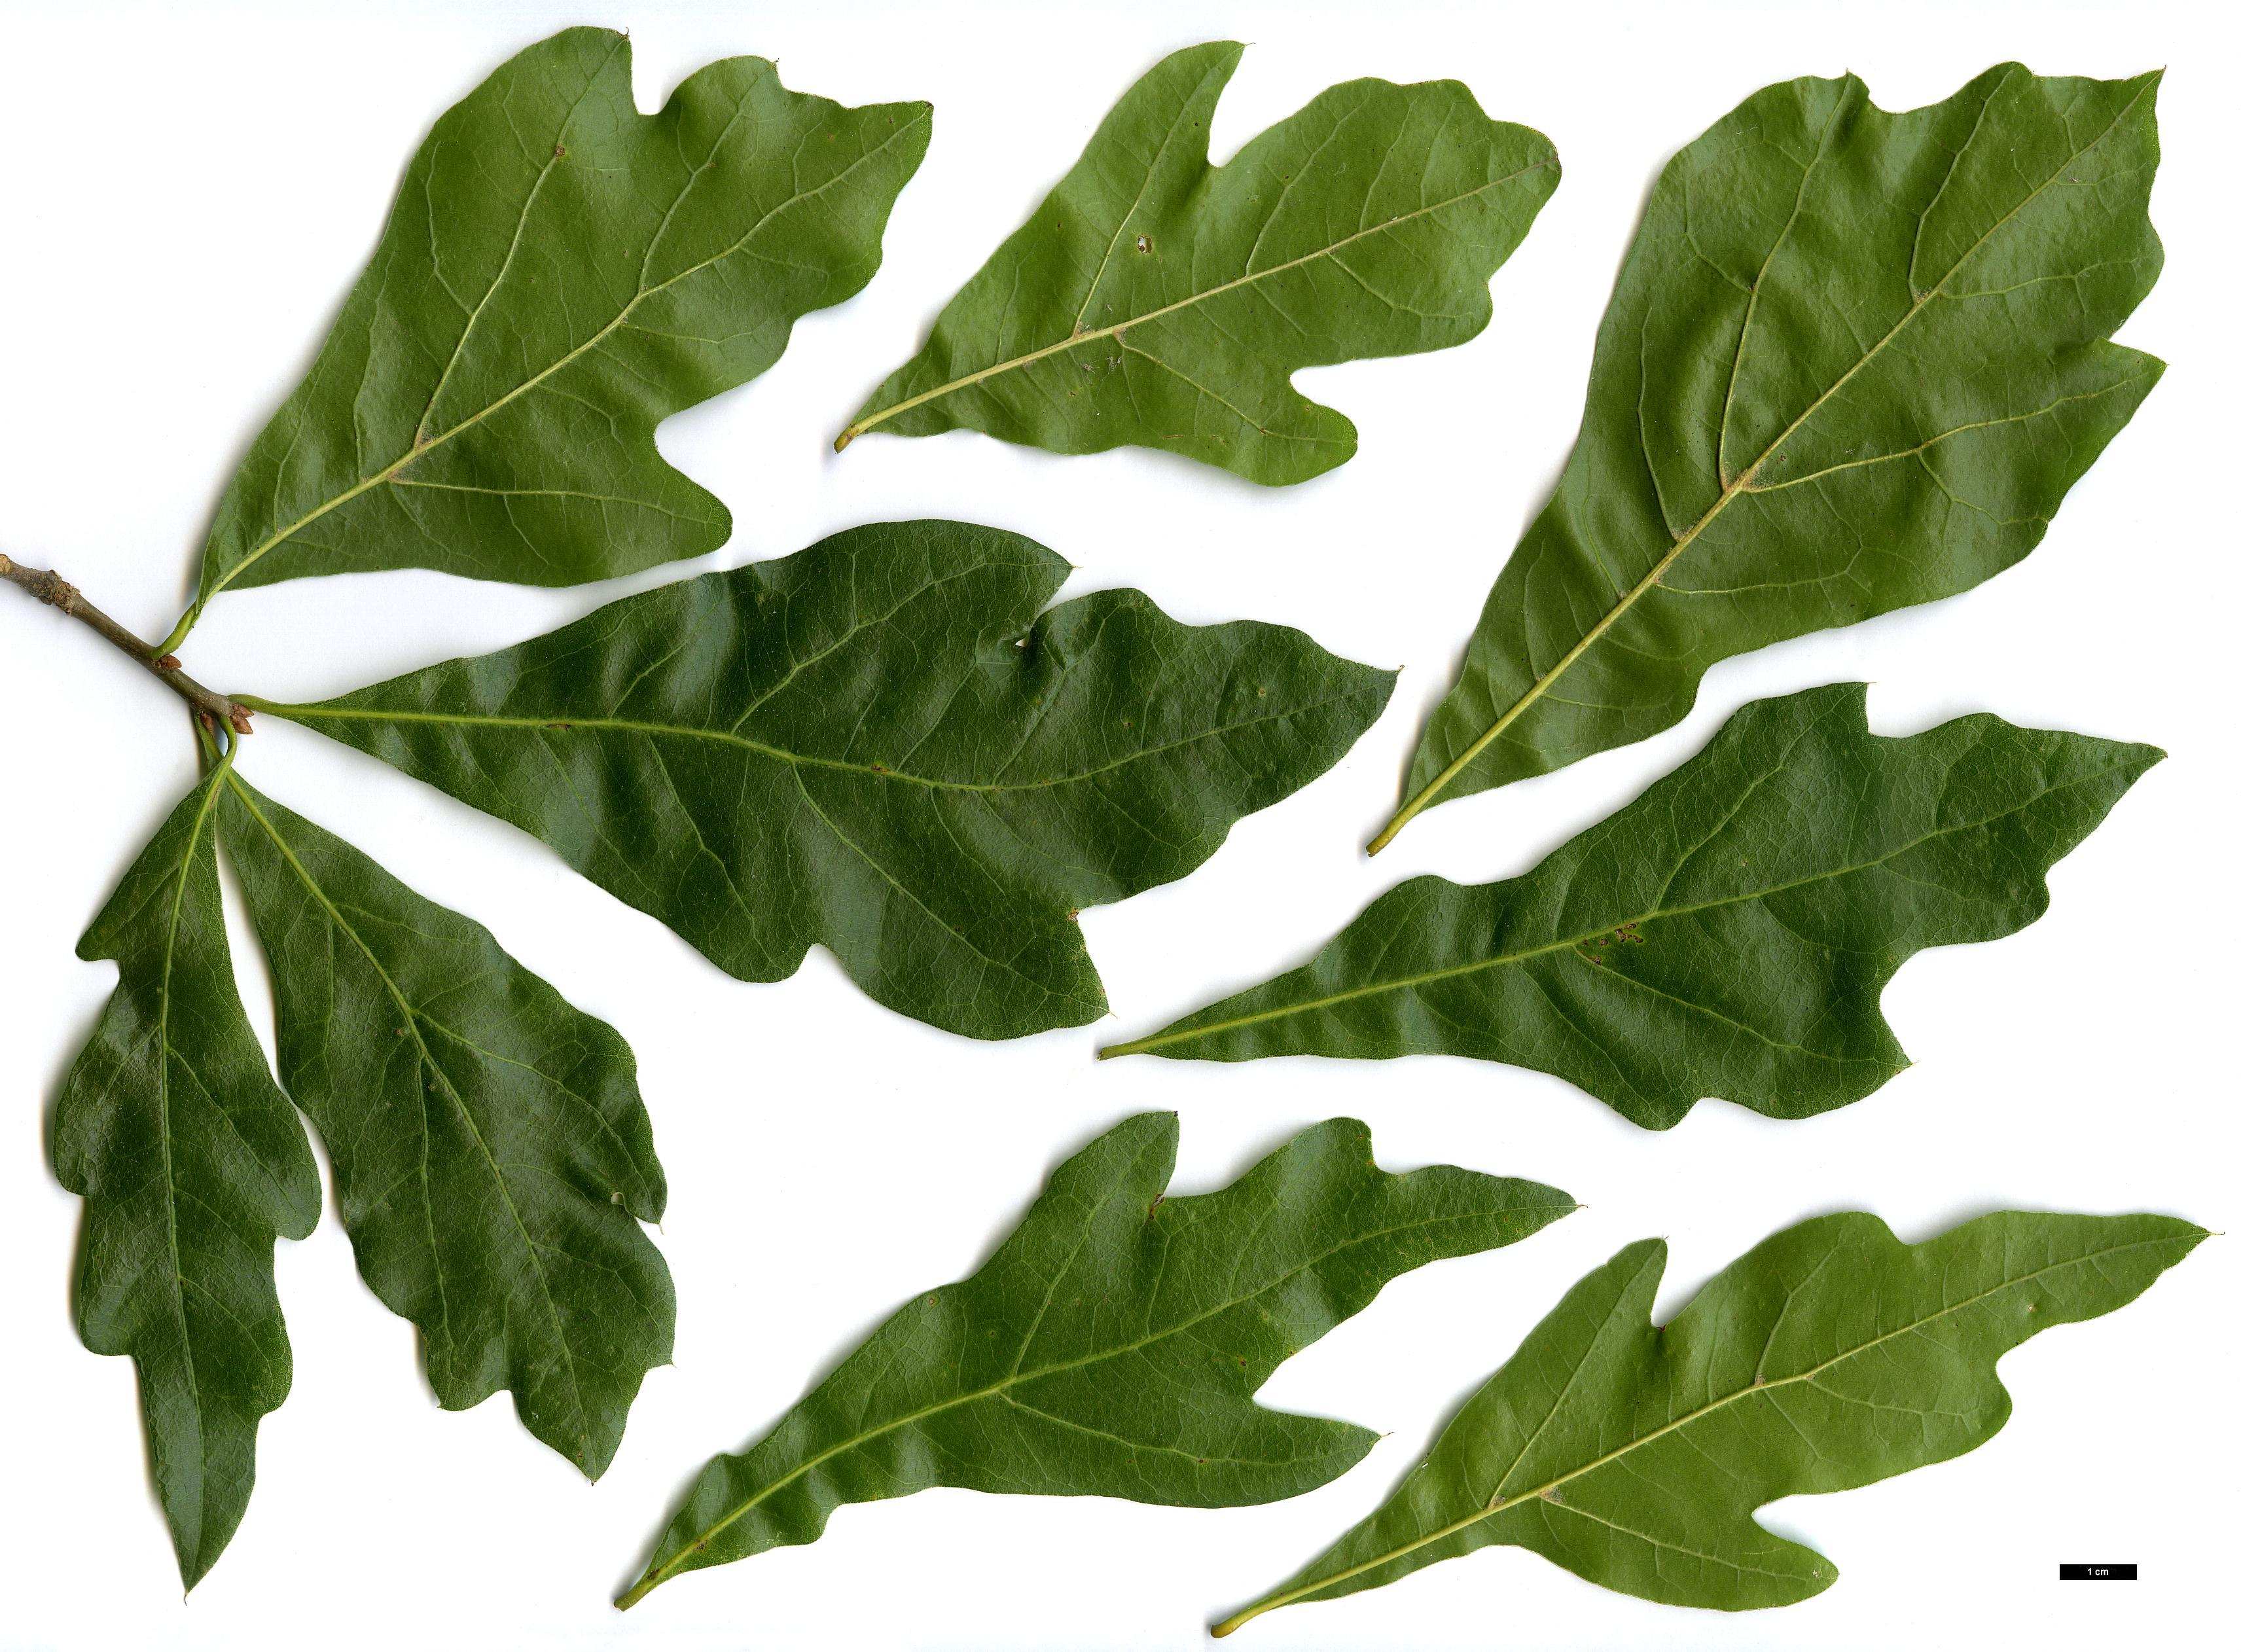 Quercus Nigra Illustration of leavesQuercus Nigra Buds